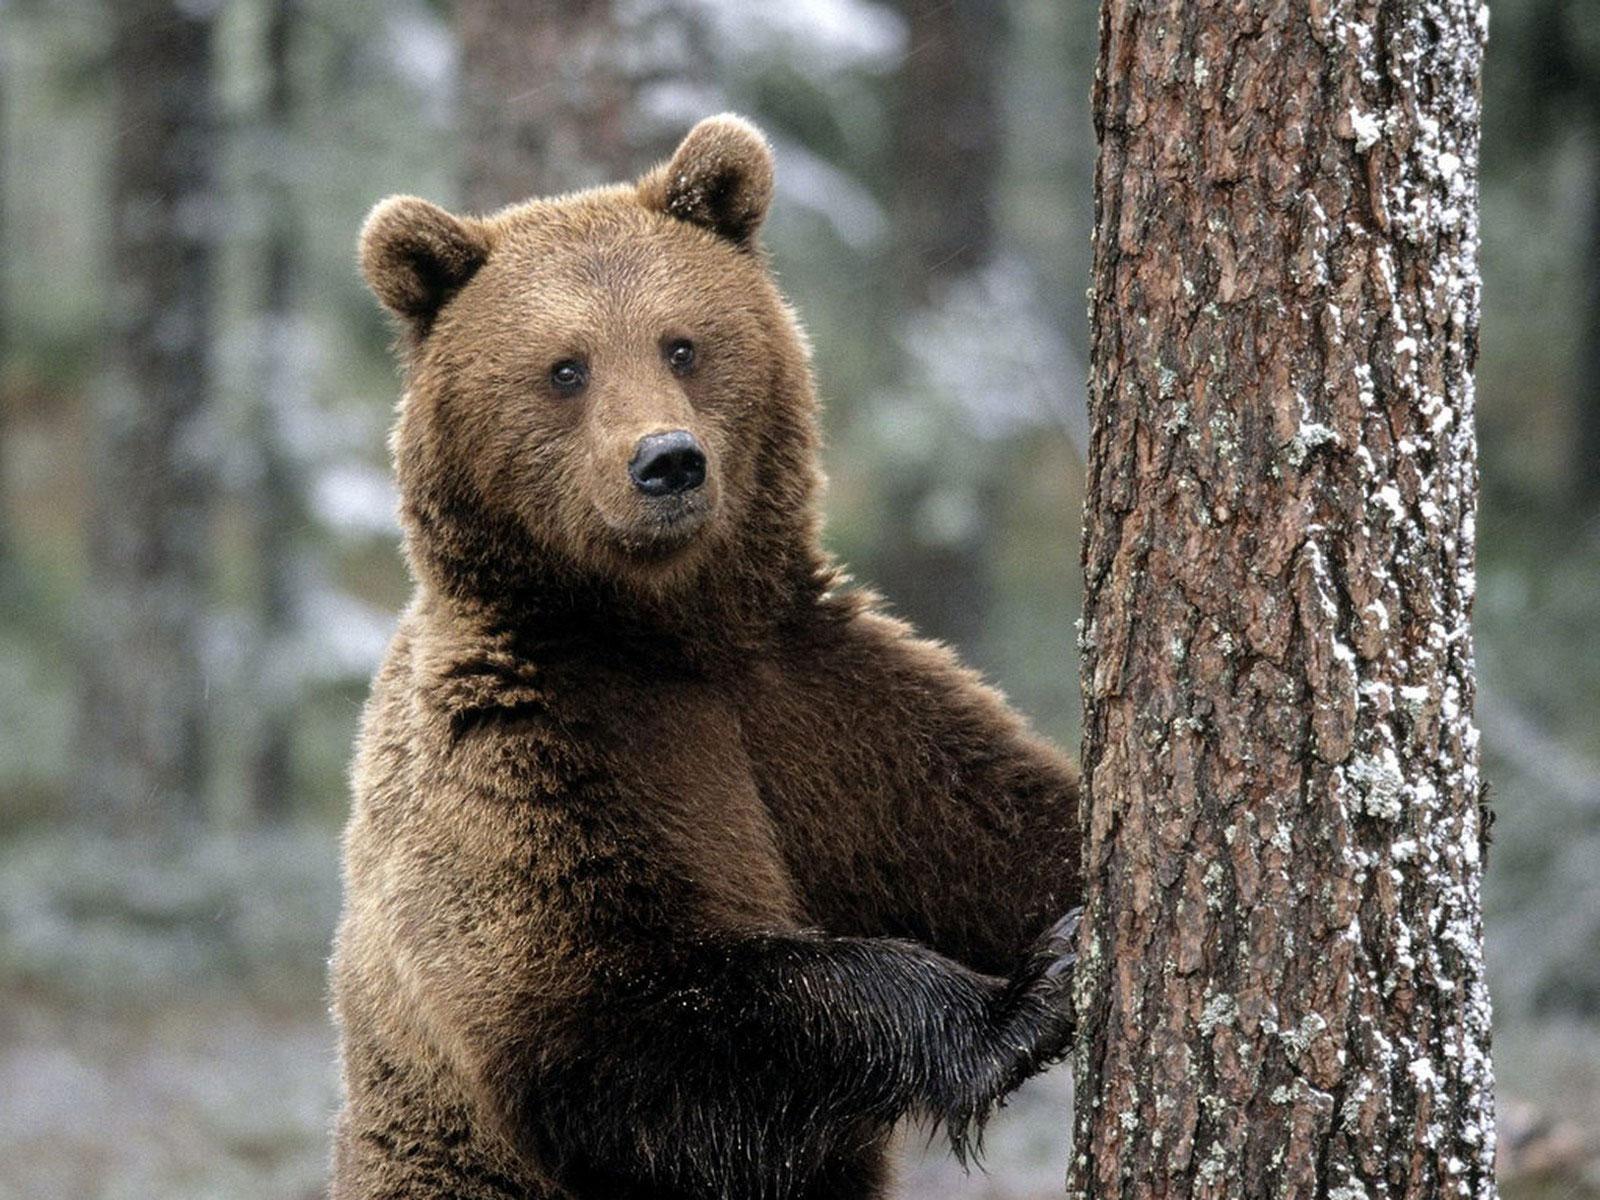 В харьковском зоопарке пробуждаются медведи (ВИДЕО)